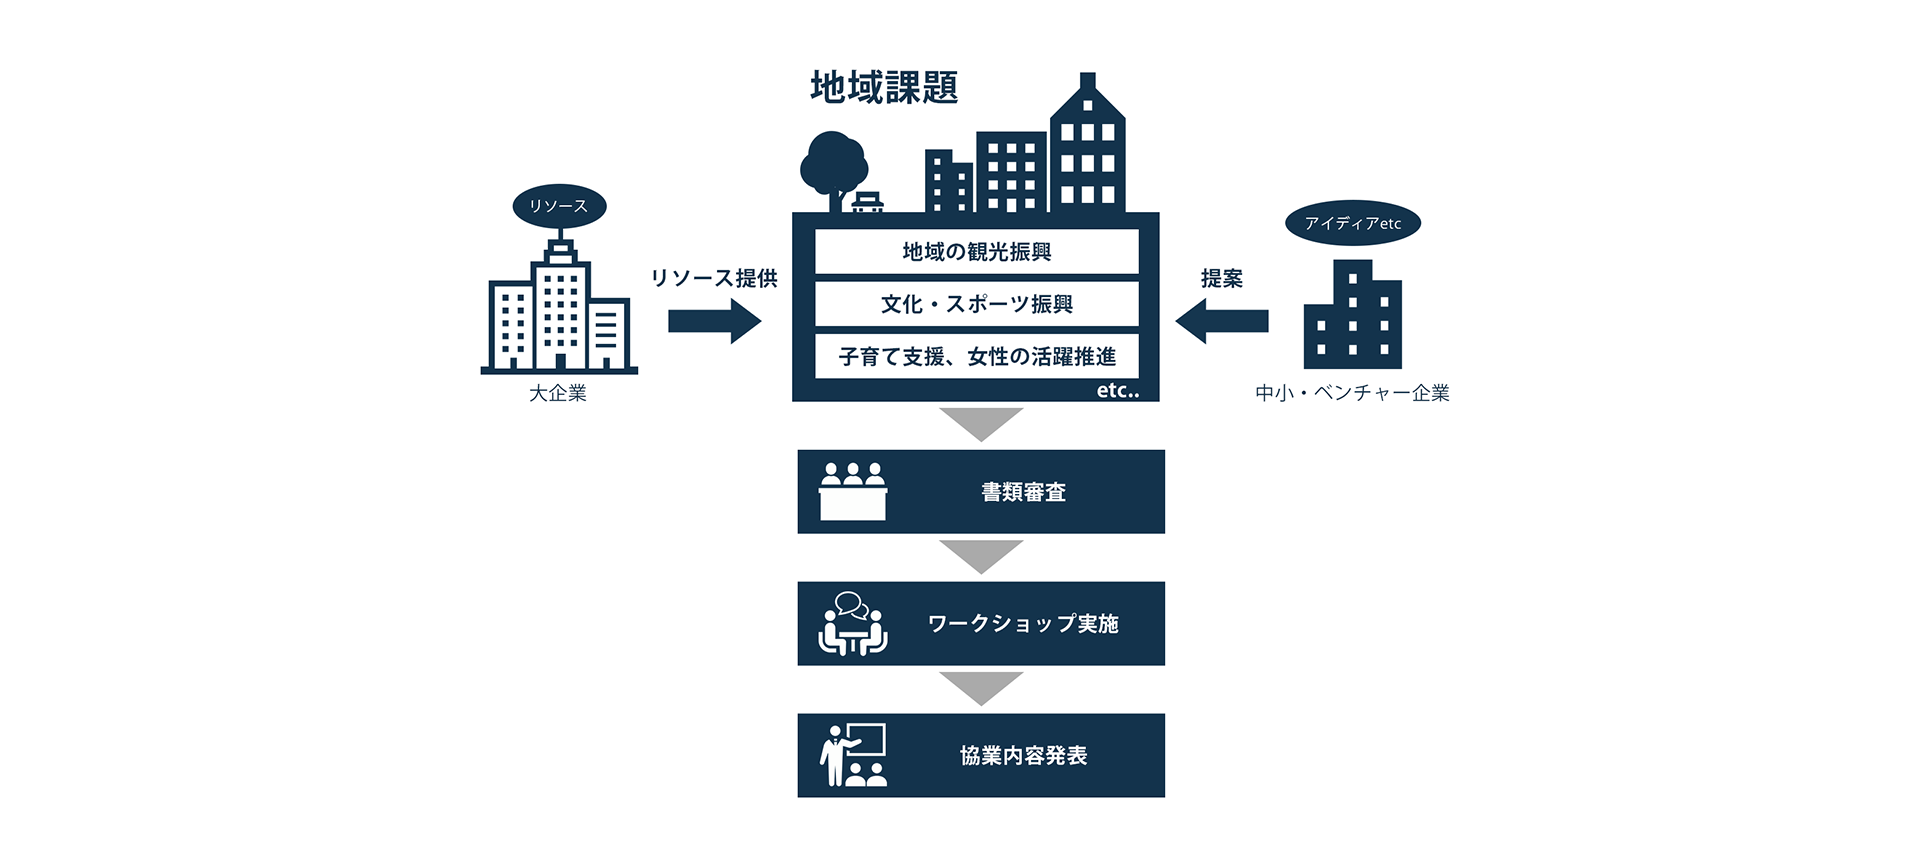 福岡県が抱える地域課題に対する事業概要図